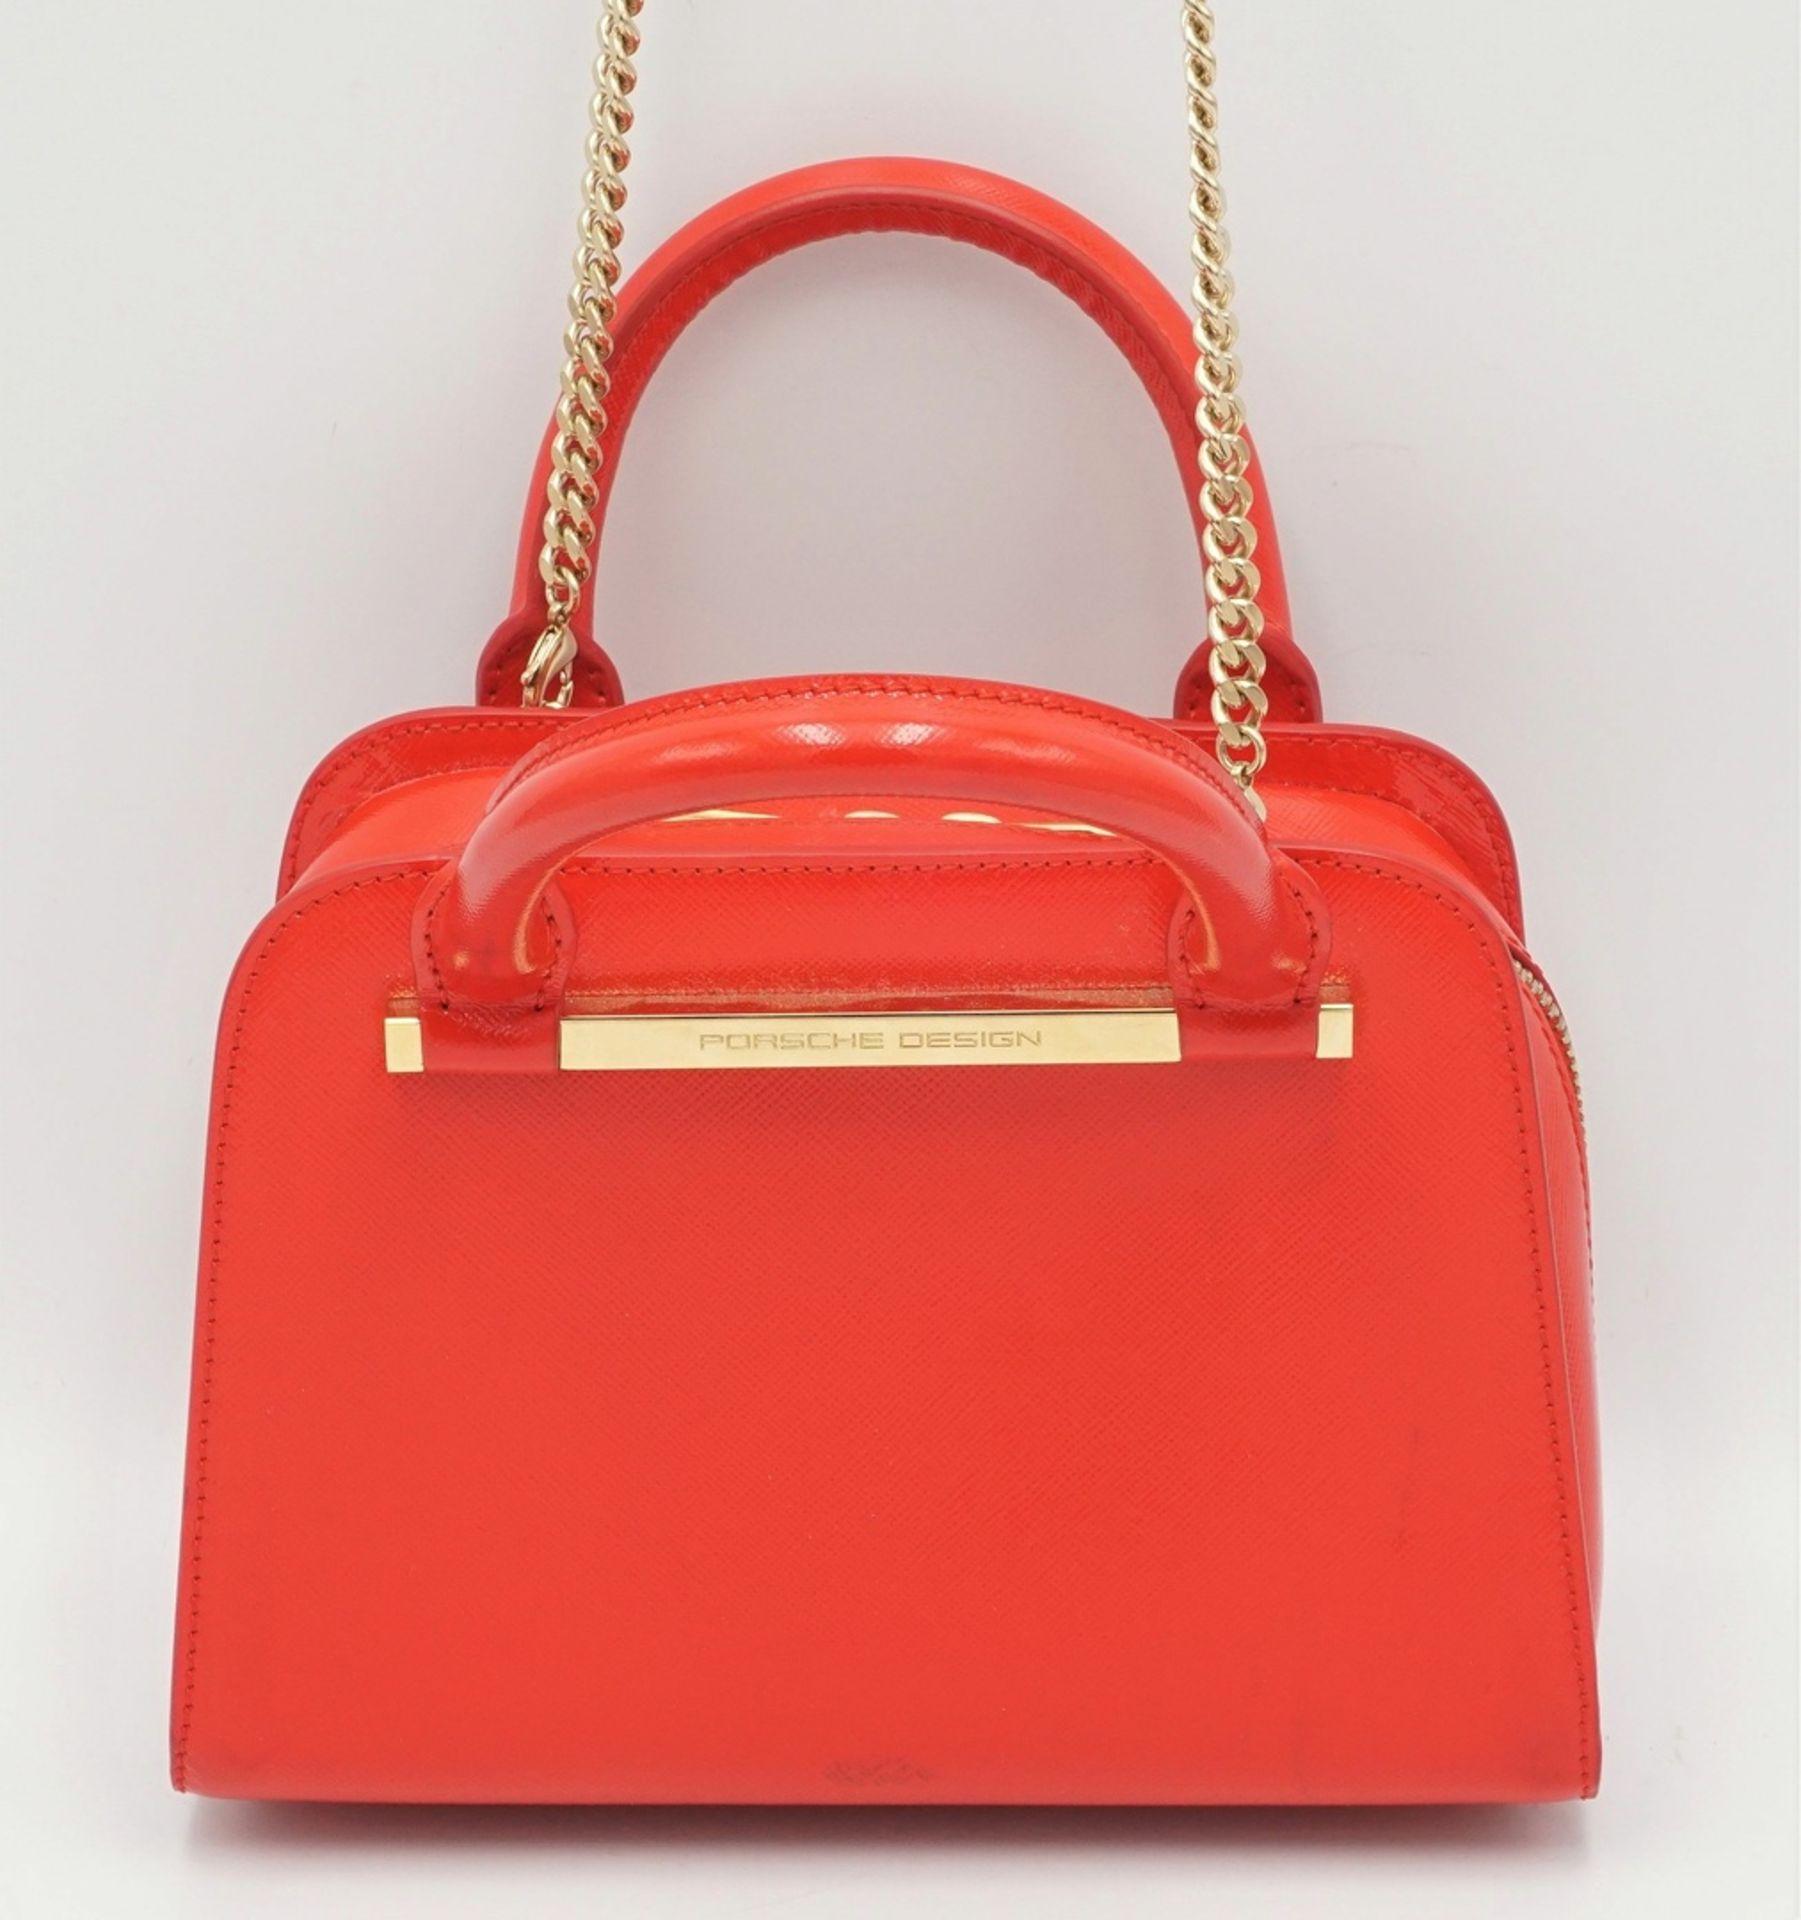 PORSCHE Design TwinBag Mini RED GOLD - Bild 2 aus 9